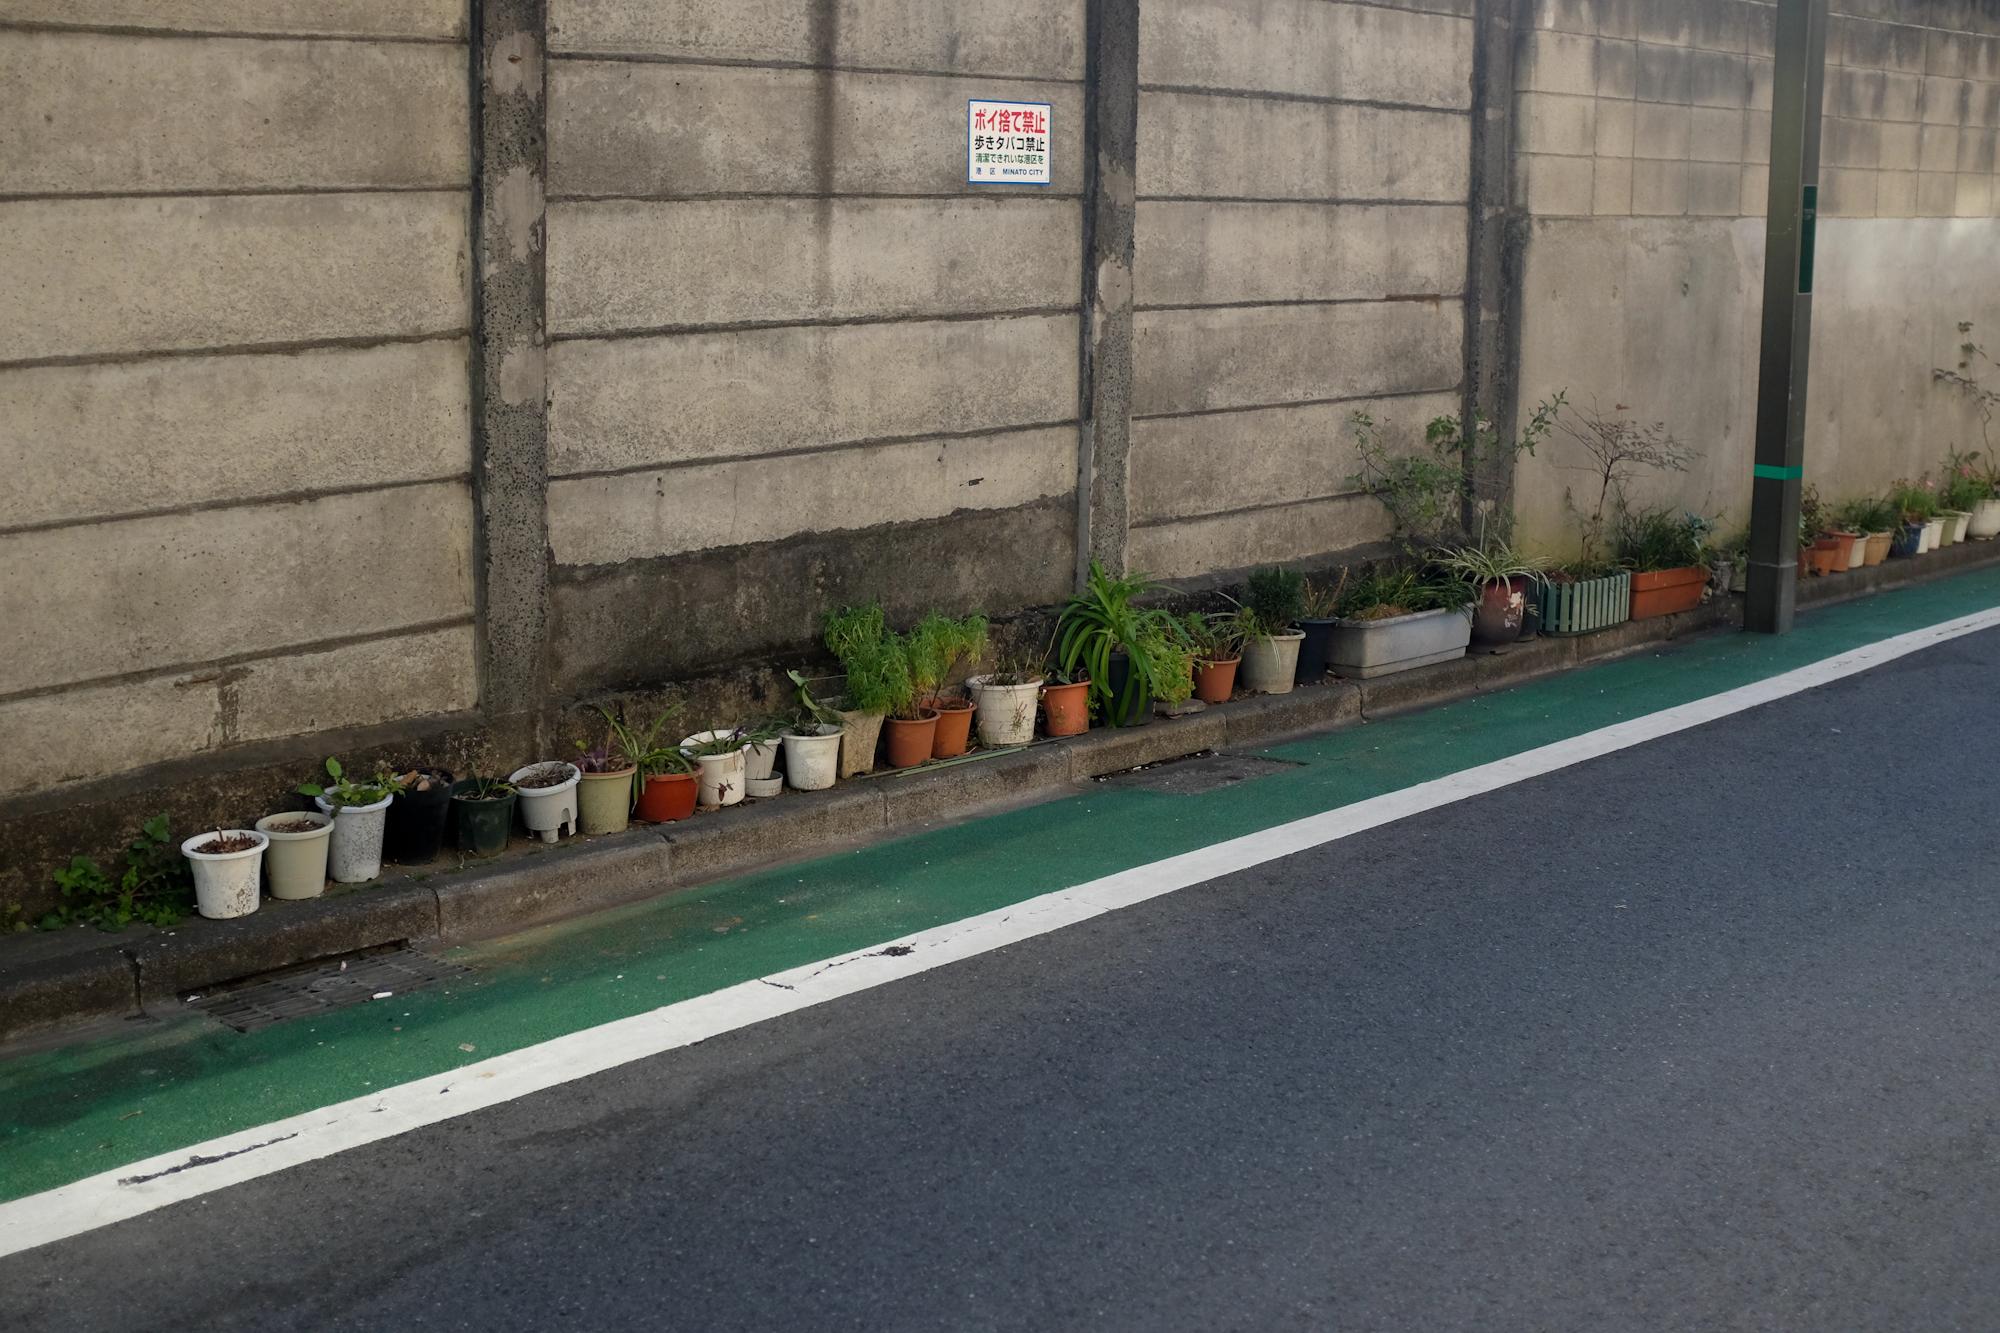 Tokyostreetgardens-0851.jpg